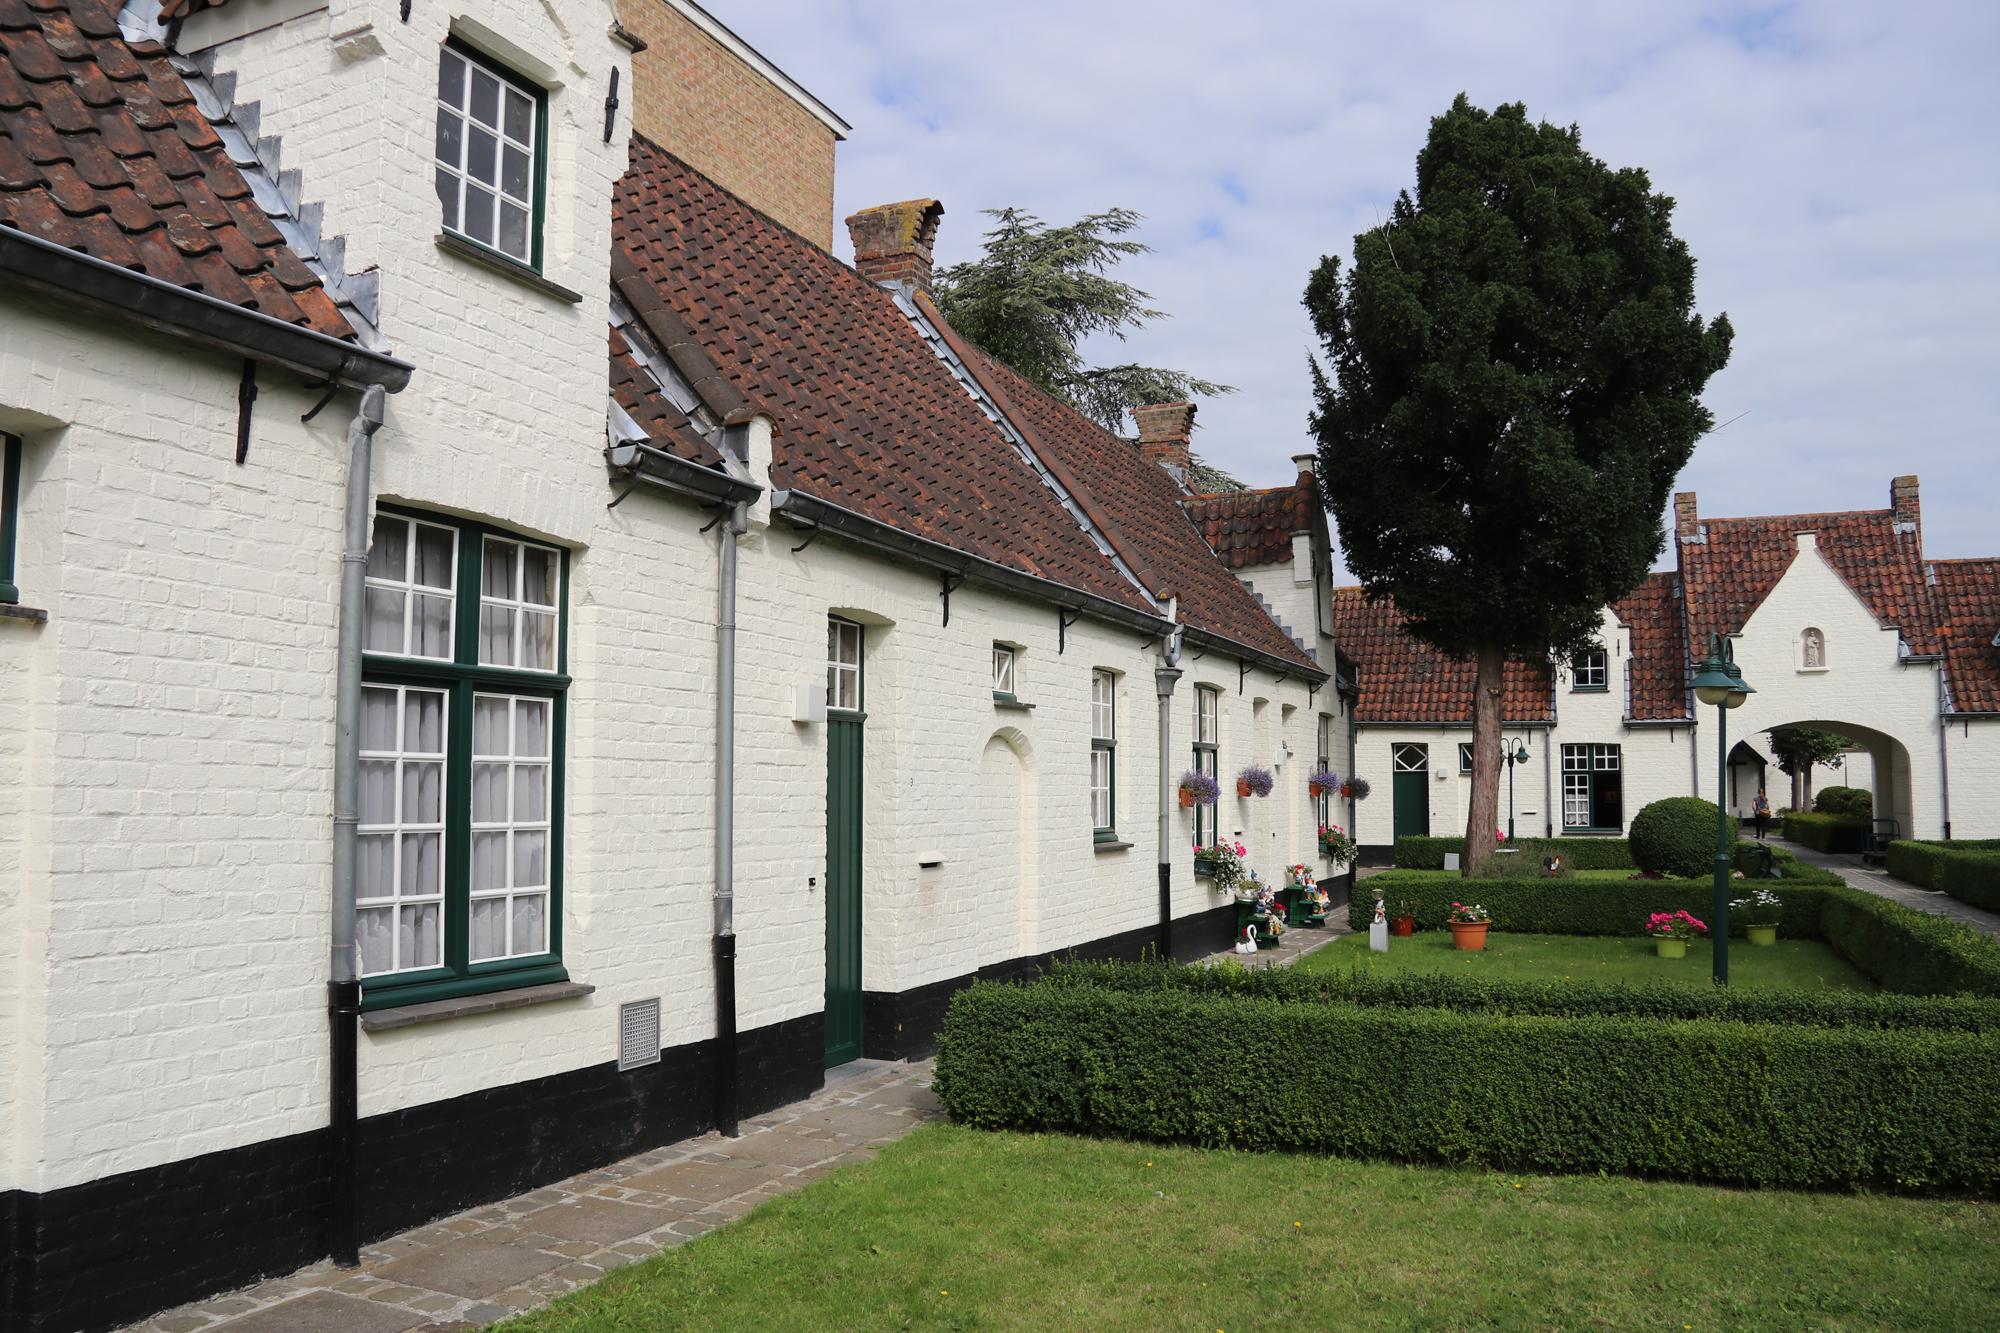 Weekendje Brugge in 10 beelden: Ook buiten het centrum kun je idyllische plaatjes maken